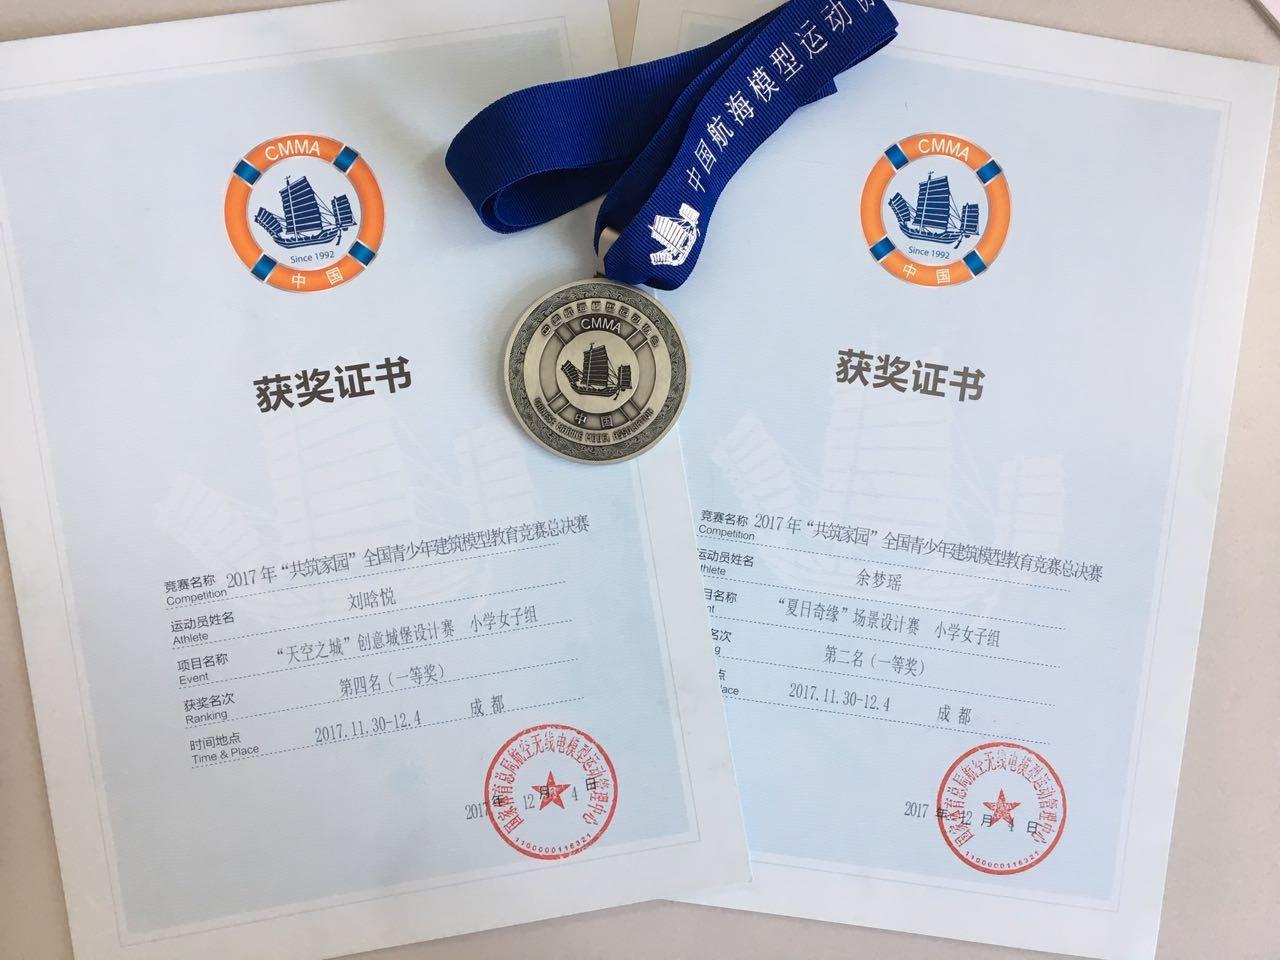 获奖证书和奖牌.jpg